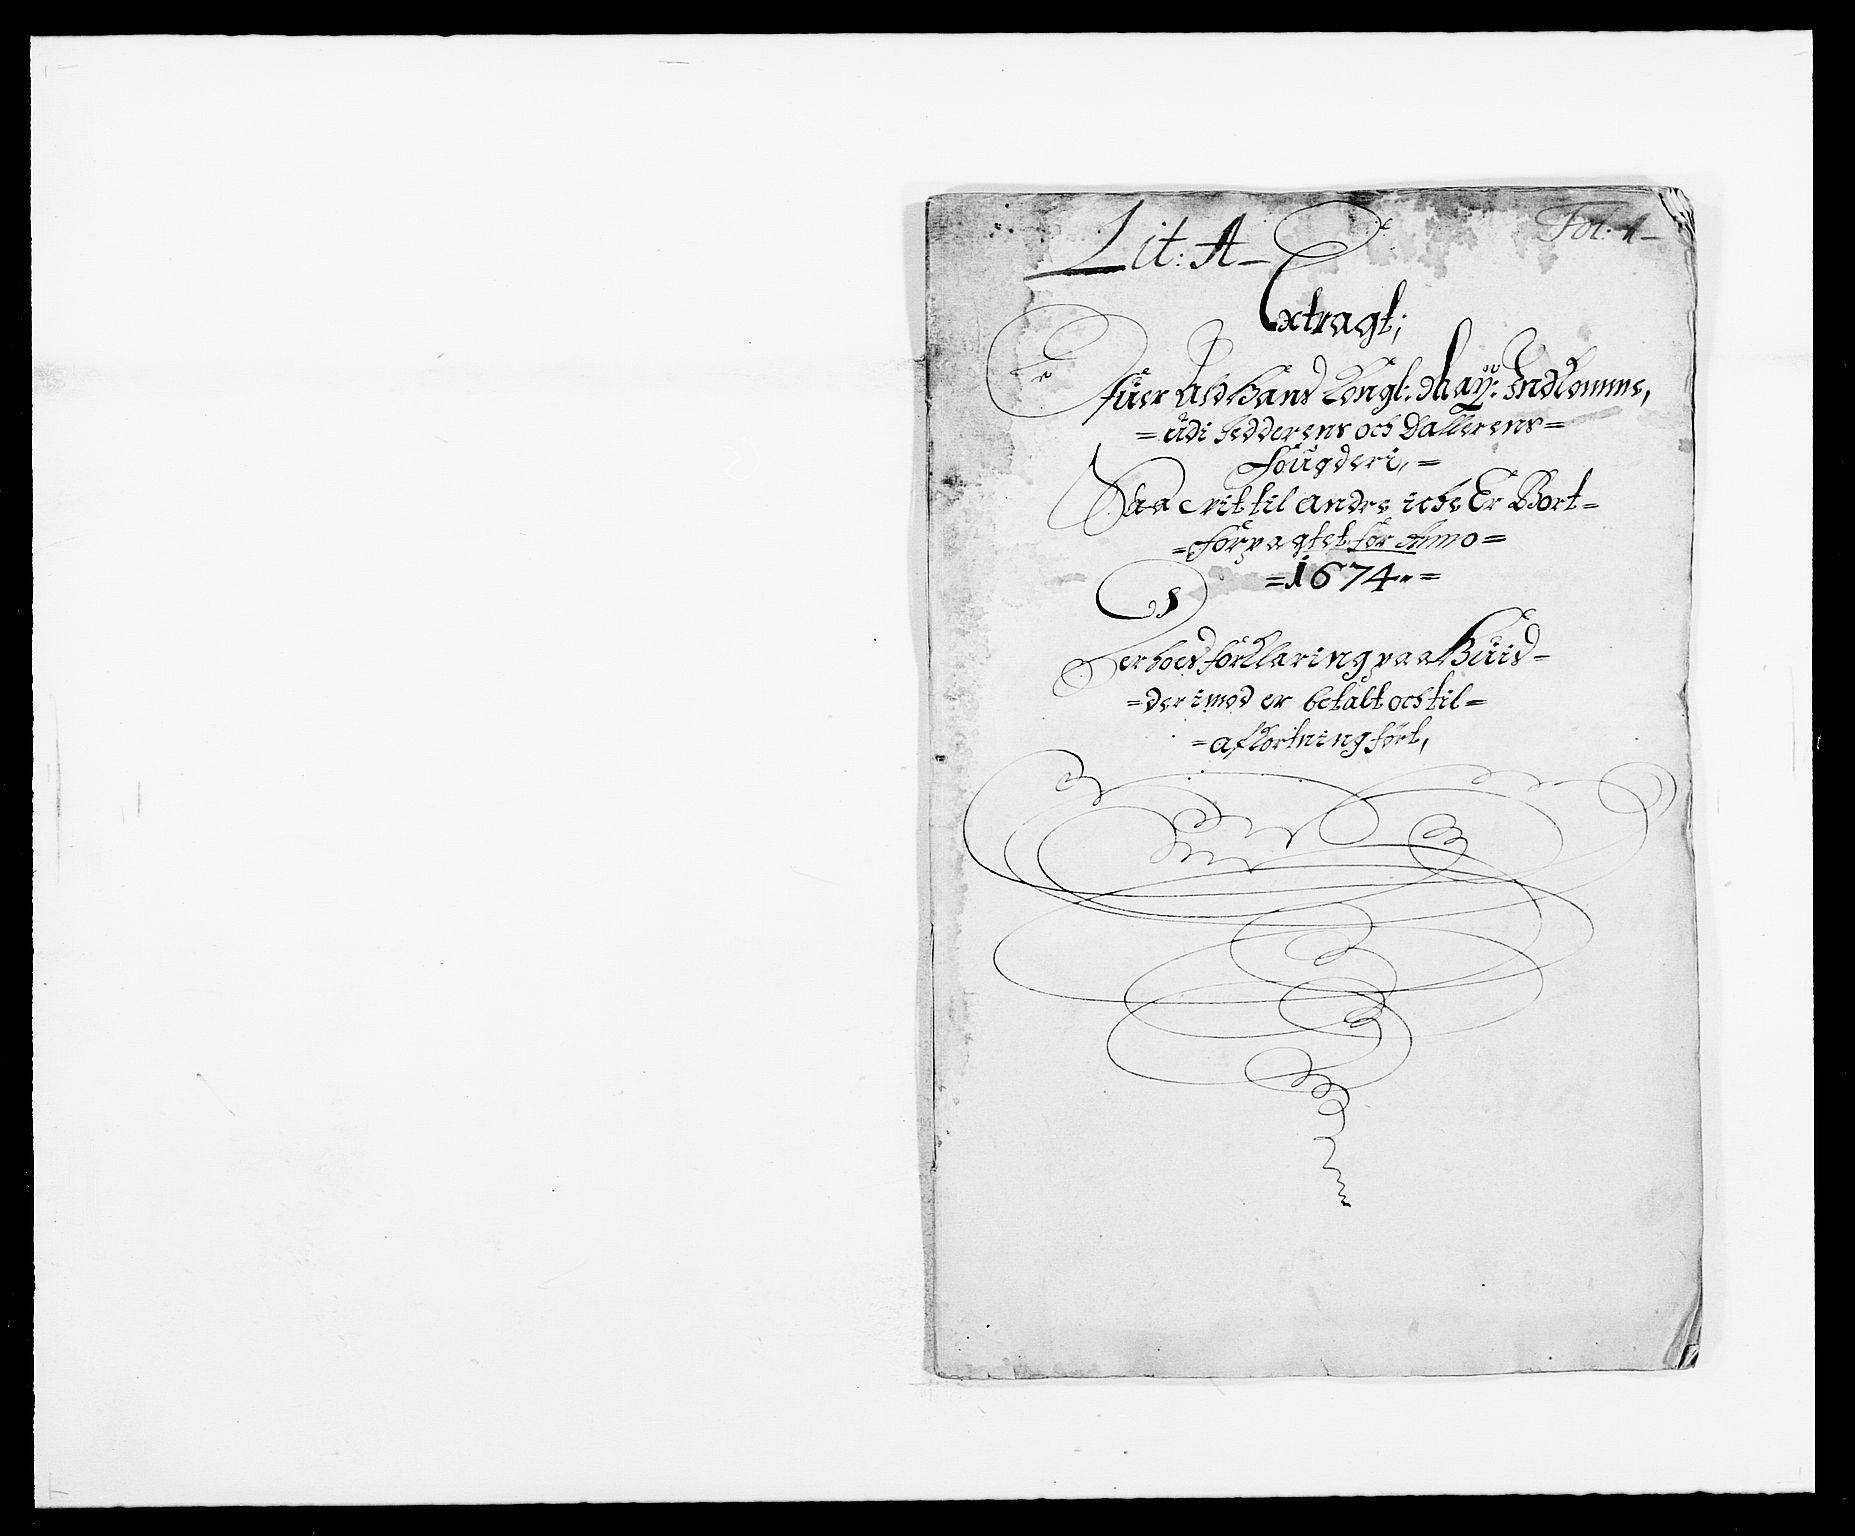 RA, Rentekammeret inntil 1814, Reviderte regnskaper, Fogderegnskap, R46/L2714: Fogderegnskap Jæren og Dalane, 1673-1674, s. 193